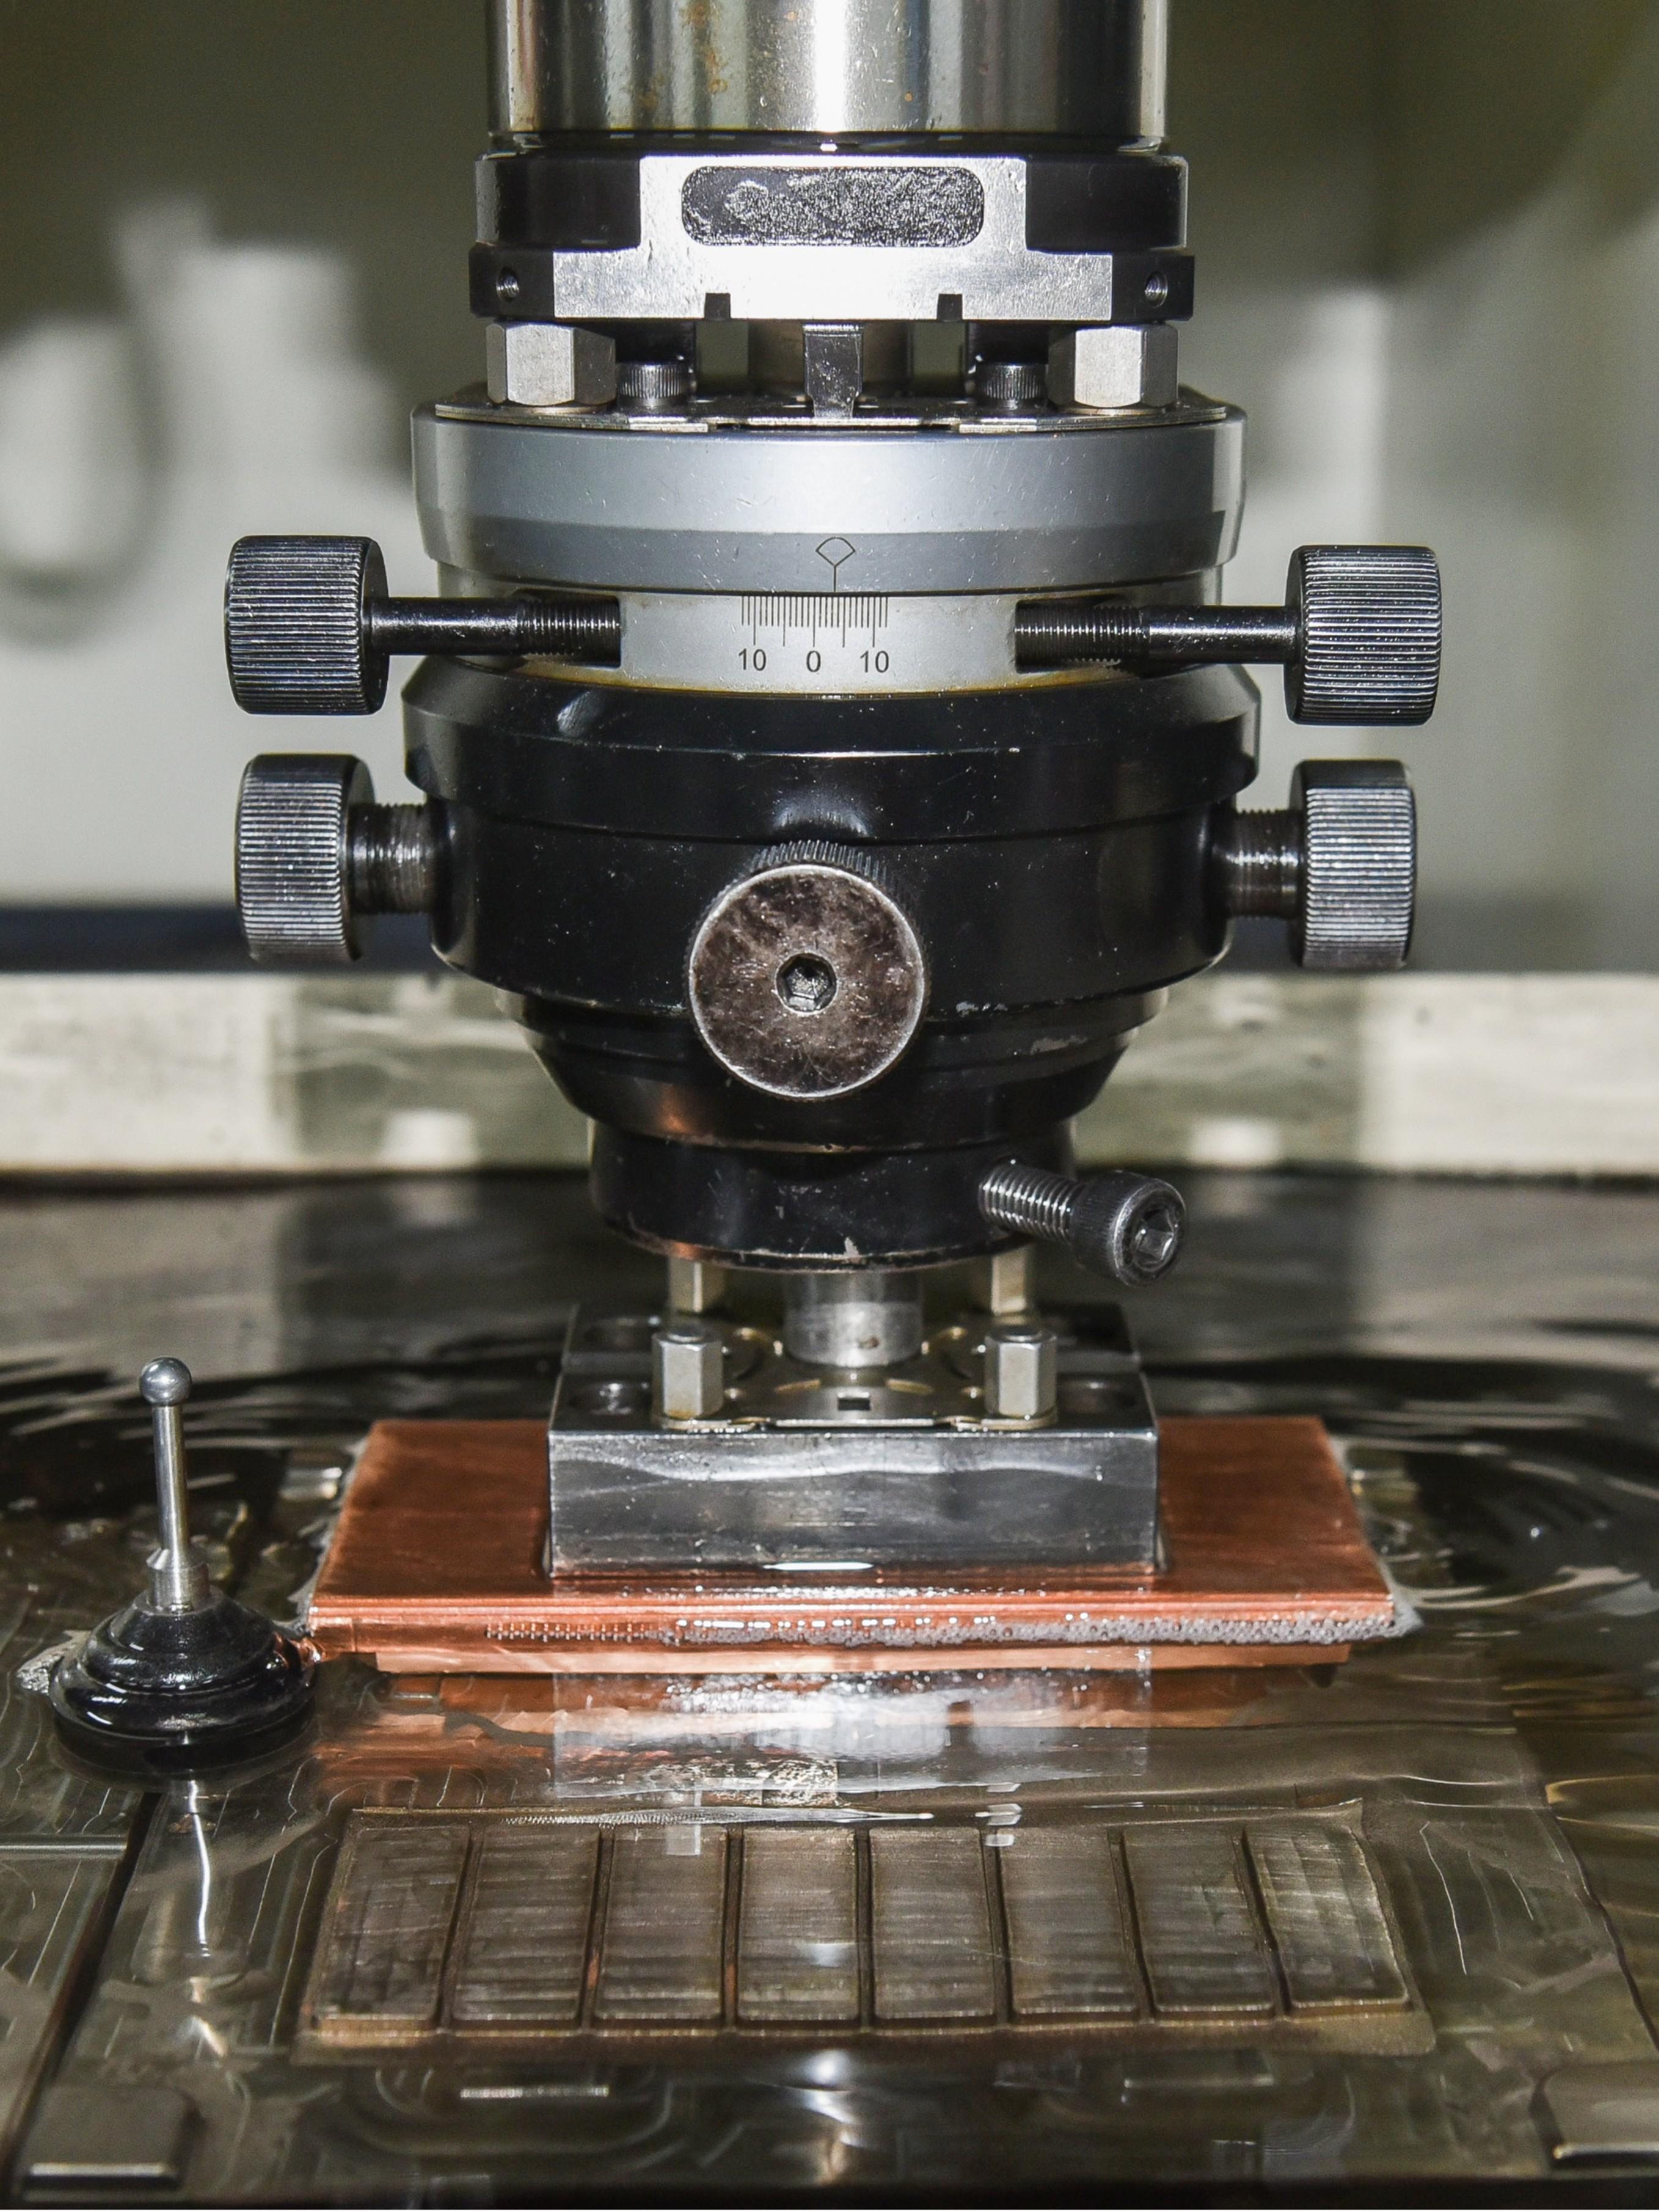 塑胶模具加工在选用工厂的时候有什么要求